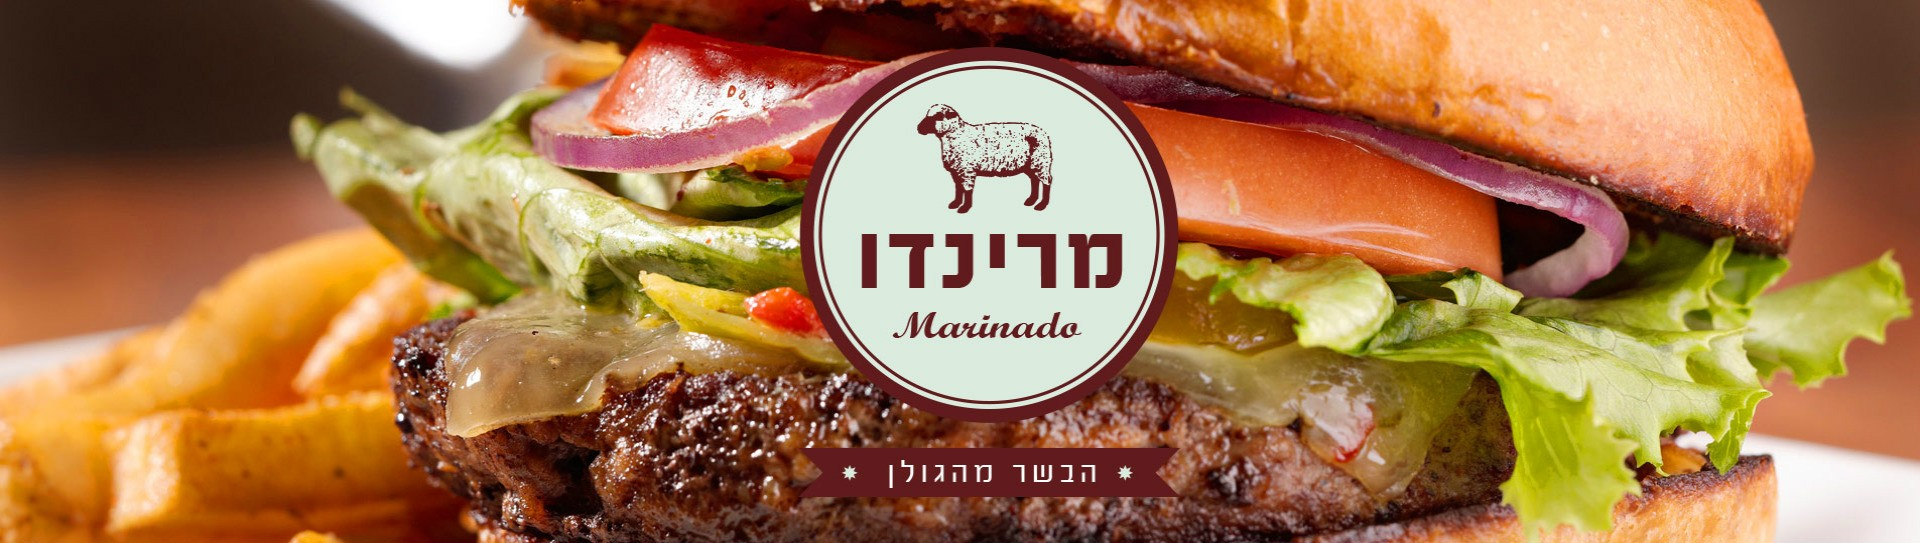 מרינדו הבשר מהגולן - העמוד הרשמי